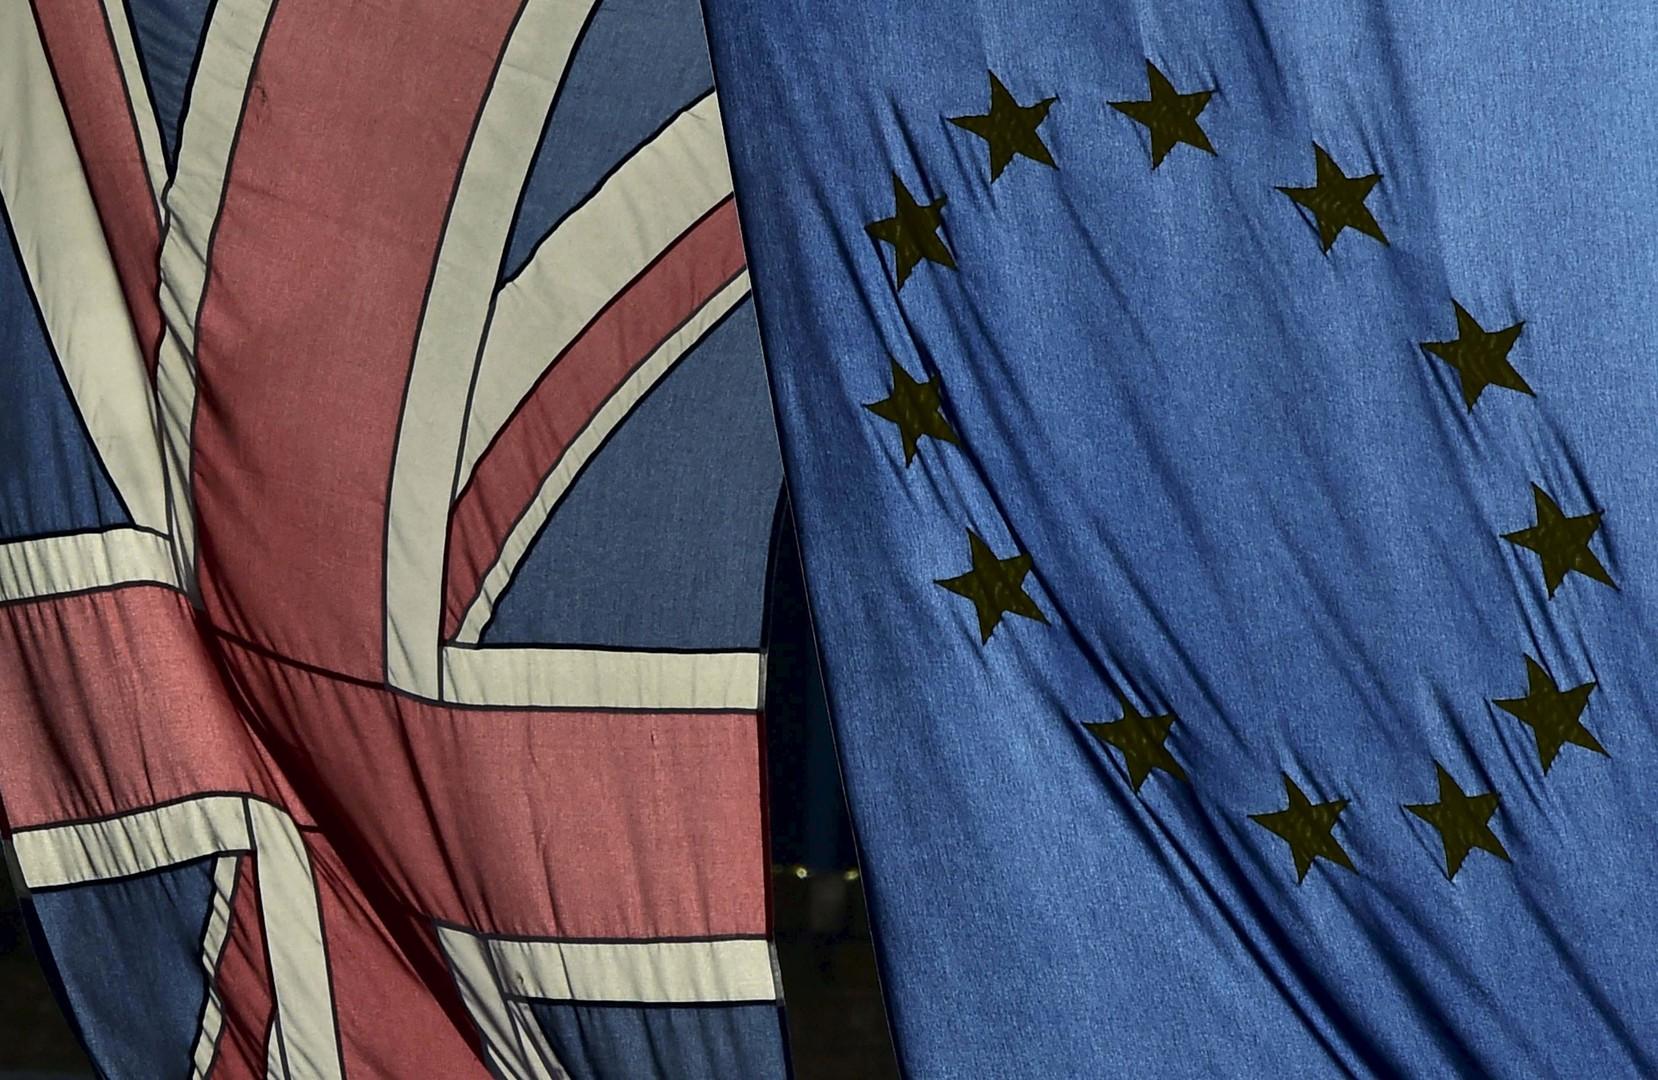 СМИ узнали о планах Брюсселя перенести из Лондона штаб-квартиру банковского управления ЕС